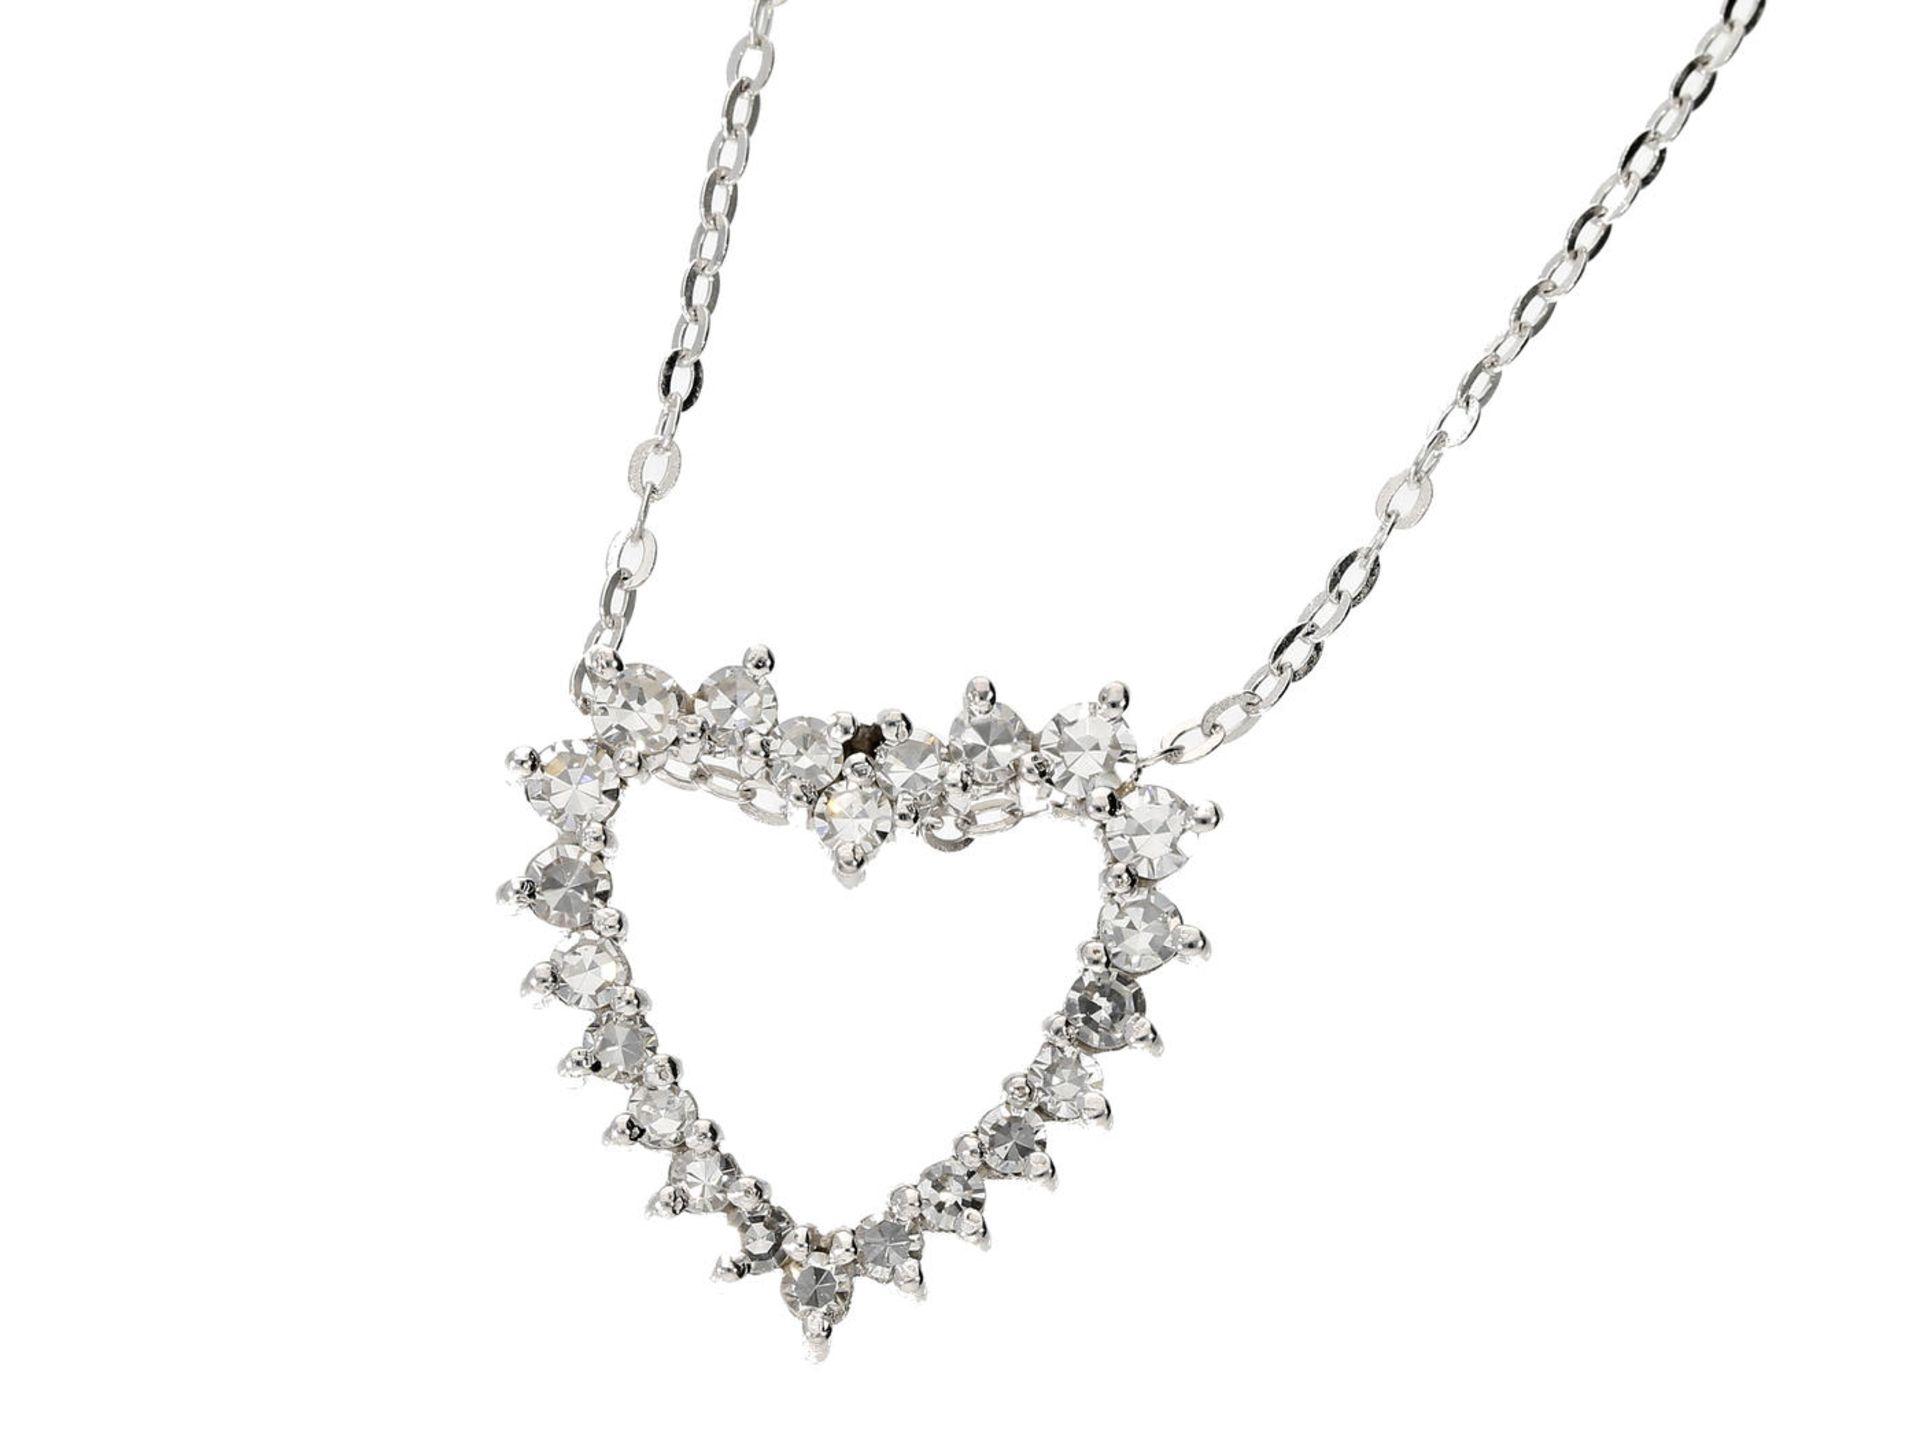 Kette/Anhänger: zierliche Weißgoldkette mit hochwertigem Herzanhänger, Diamantbesatz im oberen